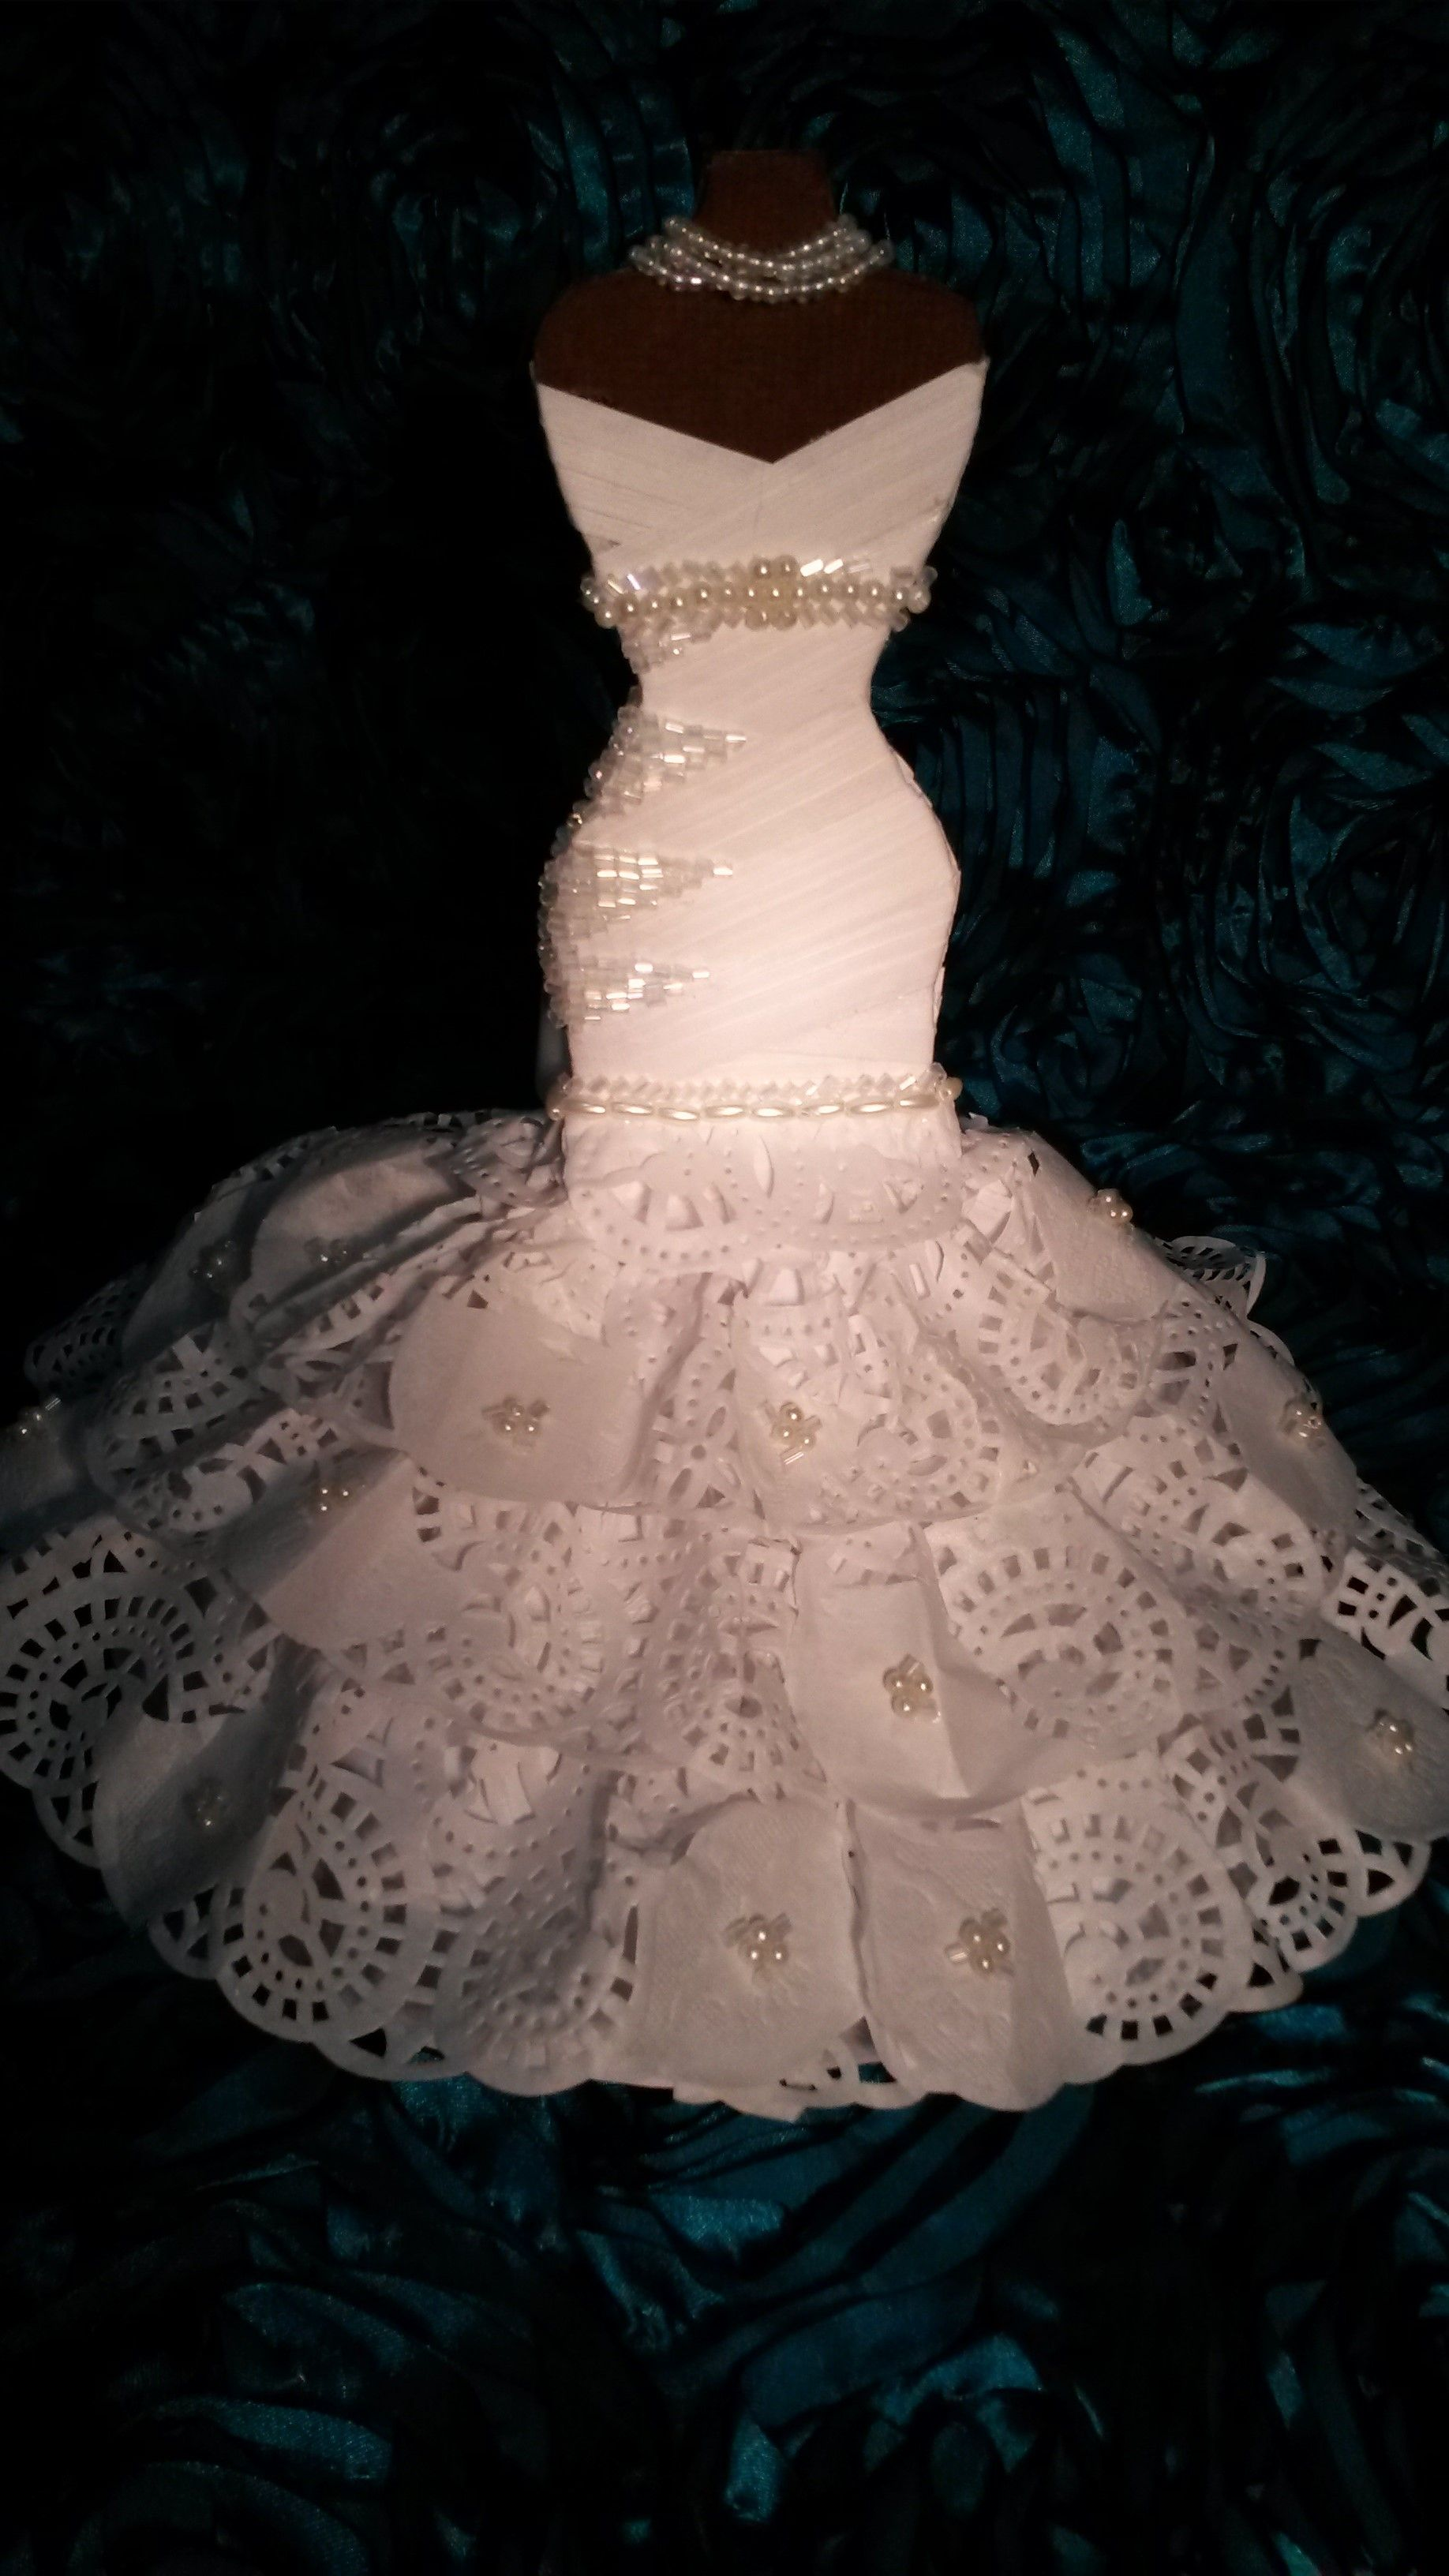 vestido de novia elaborado miniatura totalmente en papel | Vestidos ...